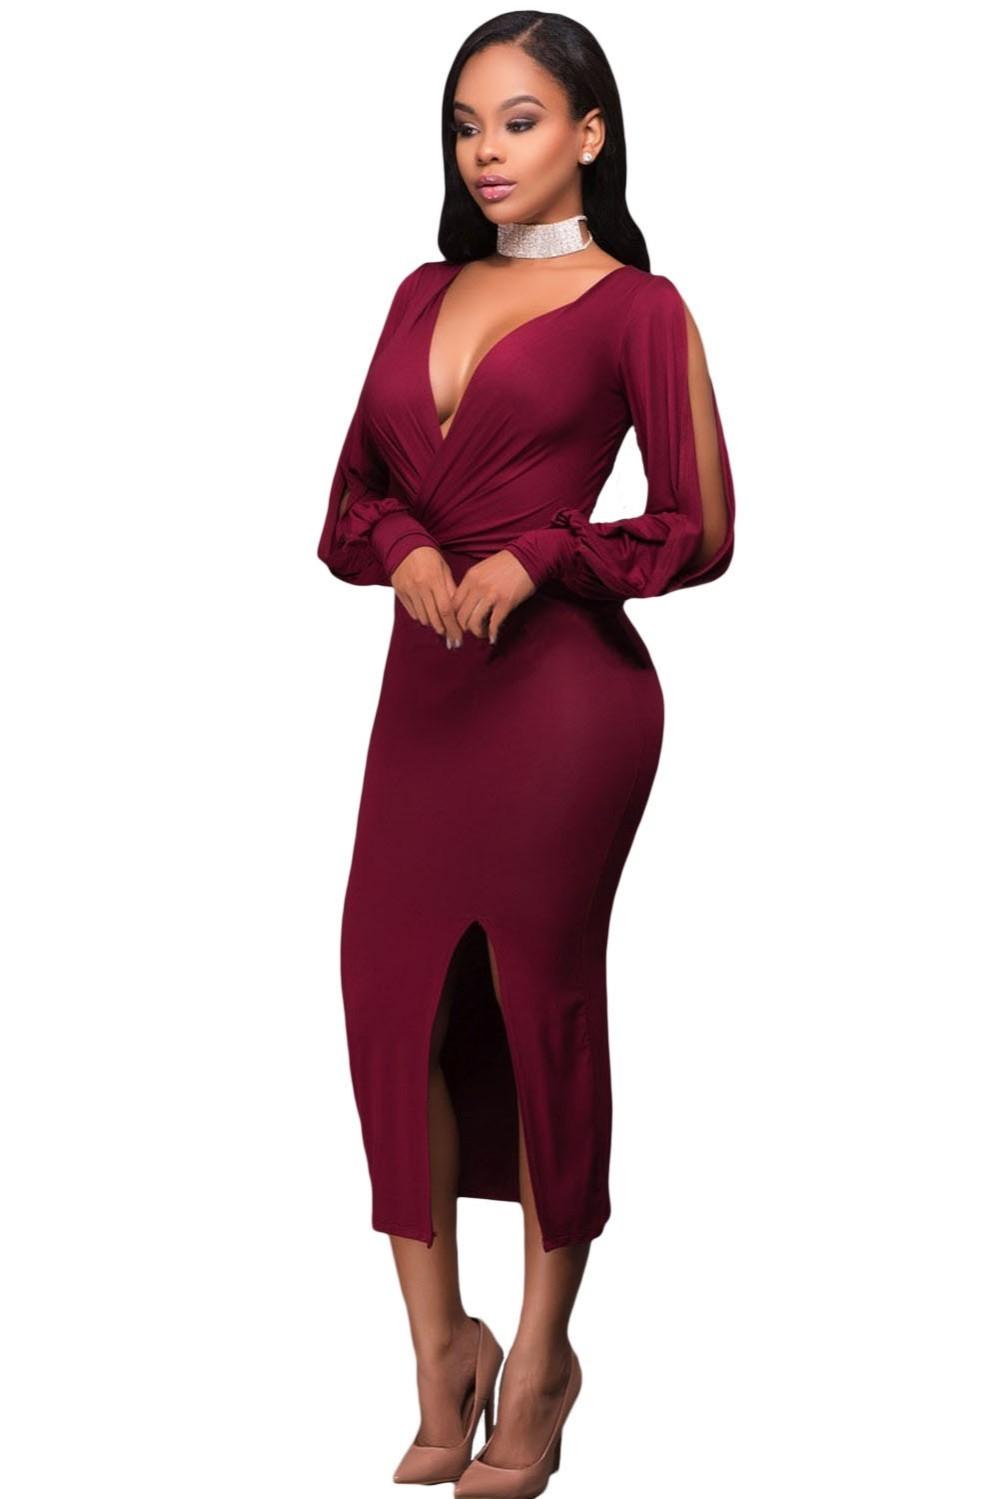 Вечерние платья 2019 фото новинки короткие на выпускной: платье ампир с откровенным лифом,бордового цвета